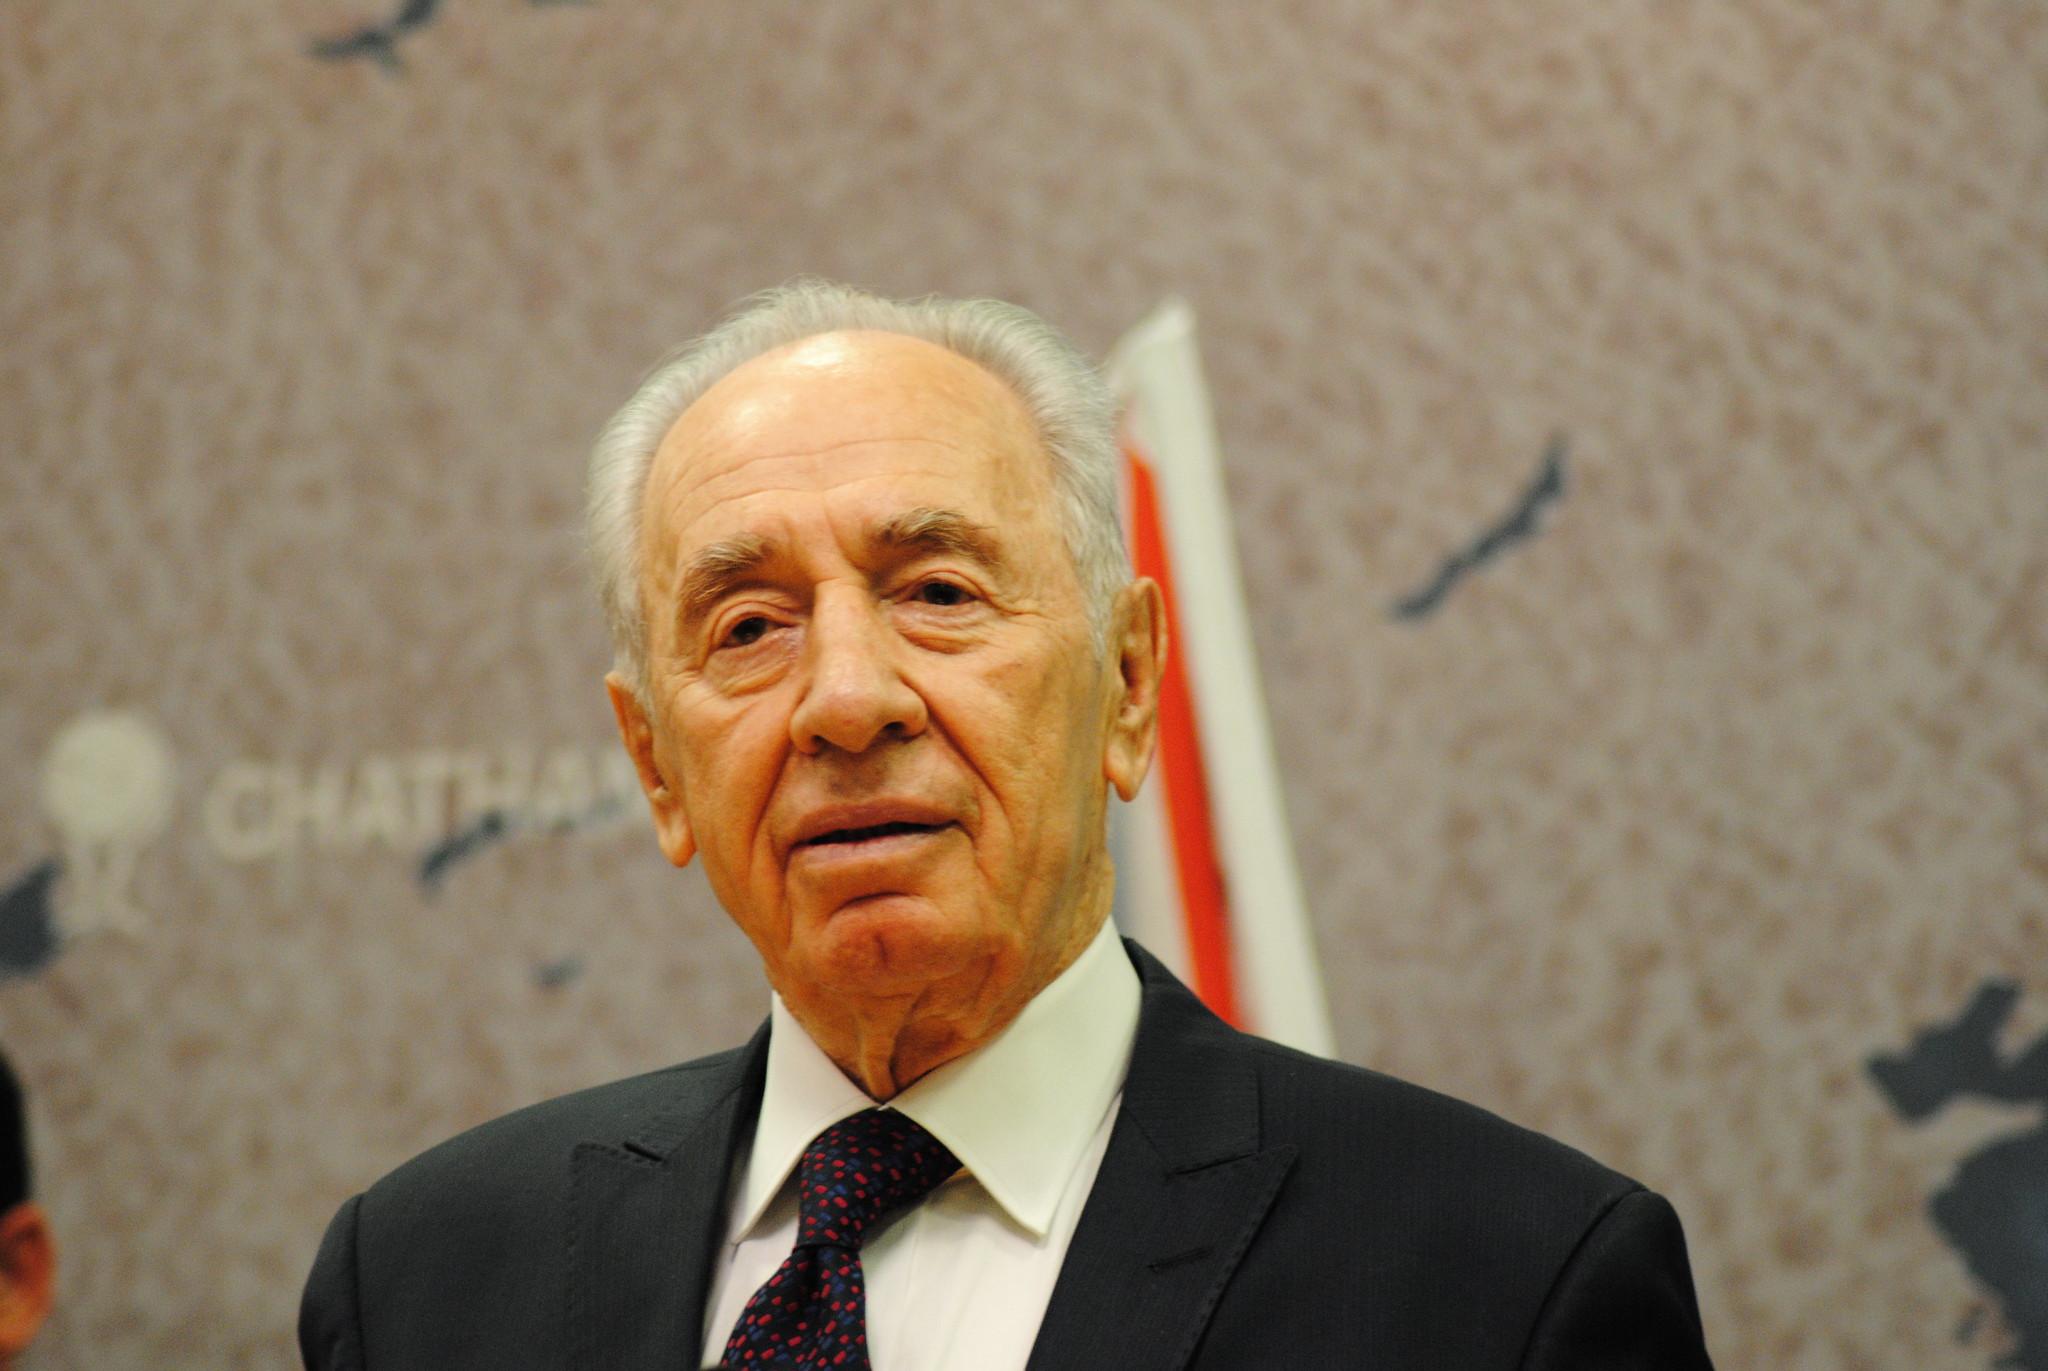 Újabb nő vádolja szexuális zaklatással Simon Peresz néhai izraeli elnököt